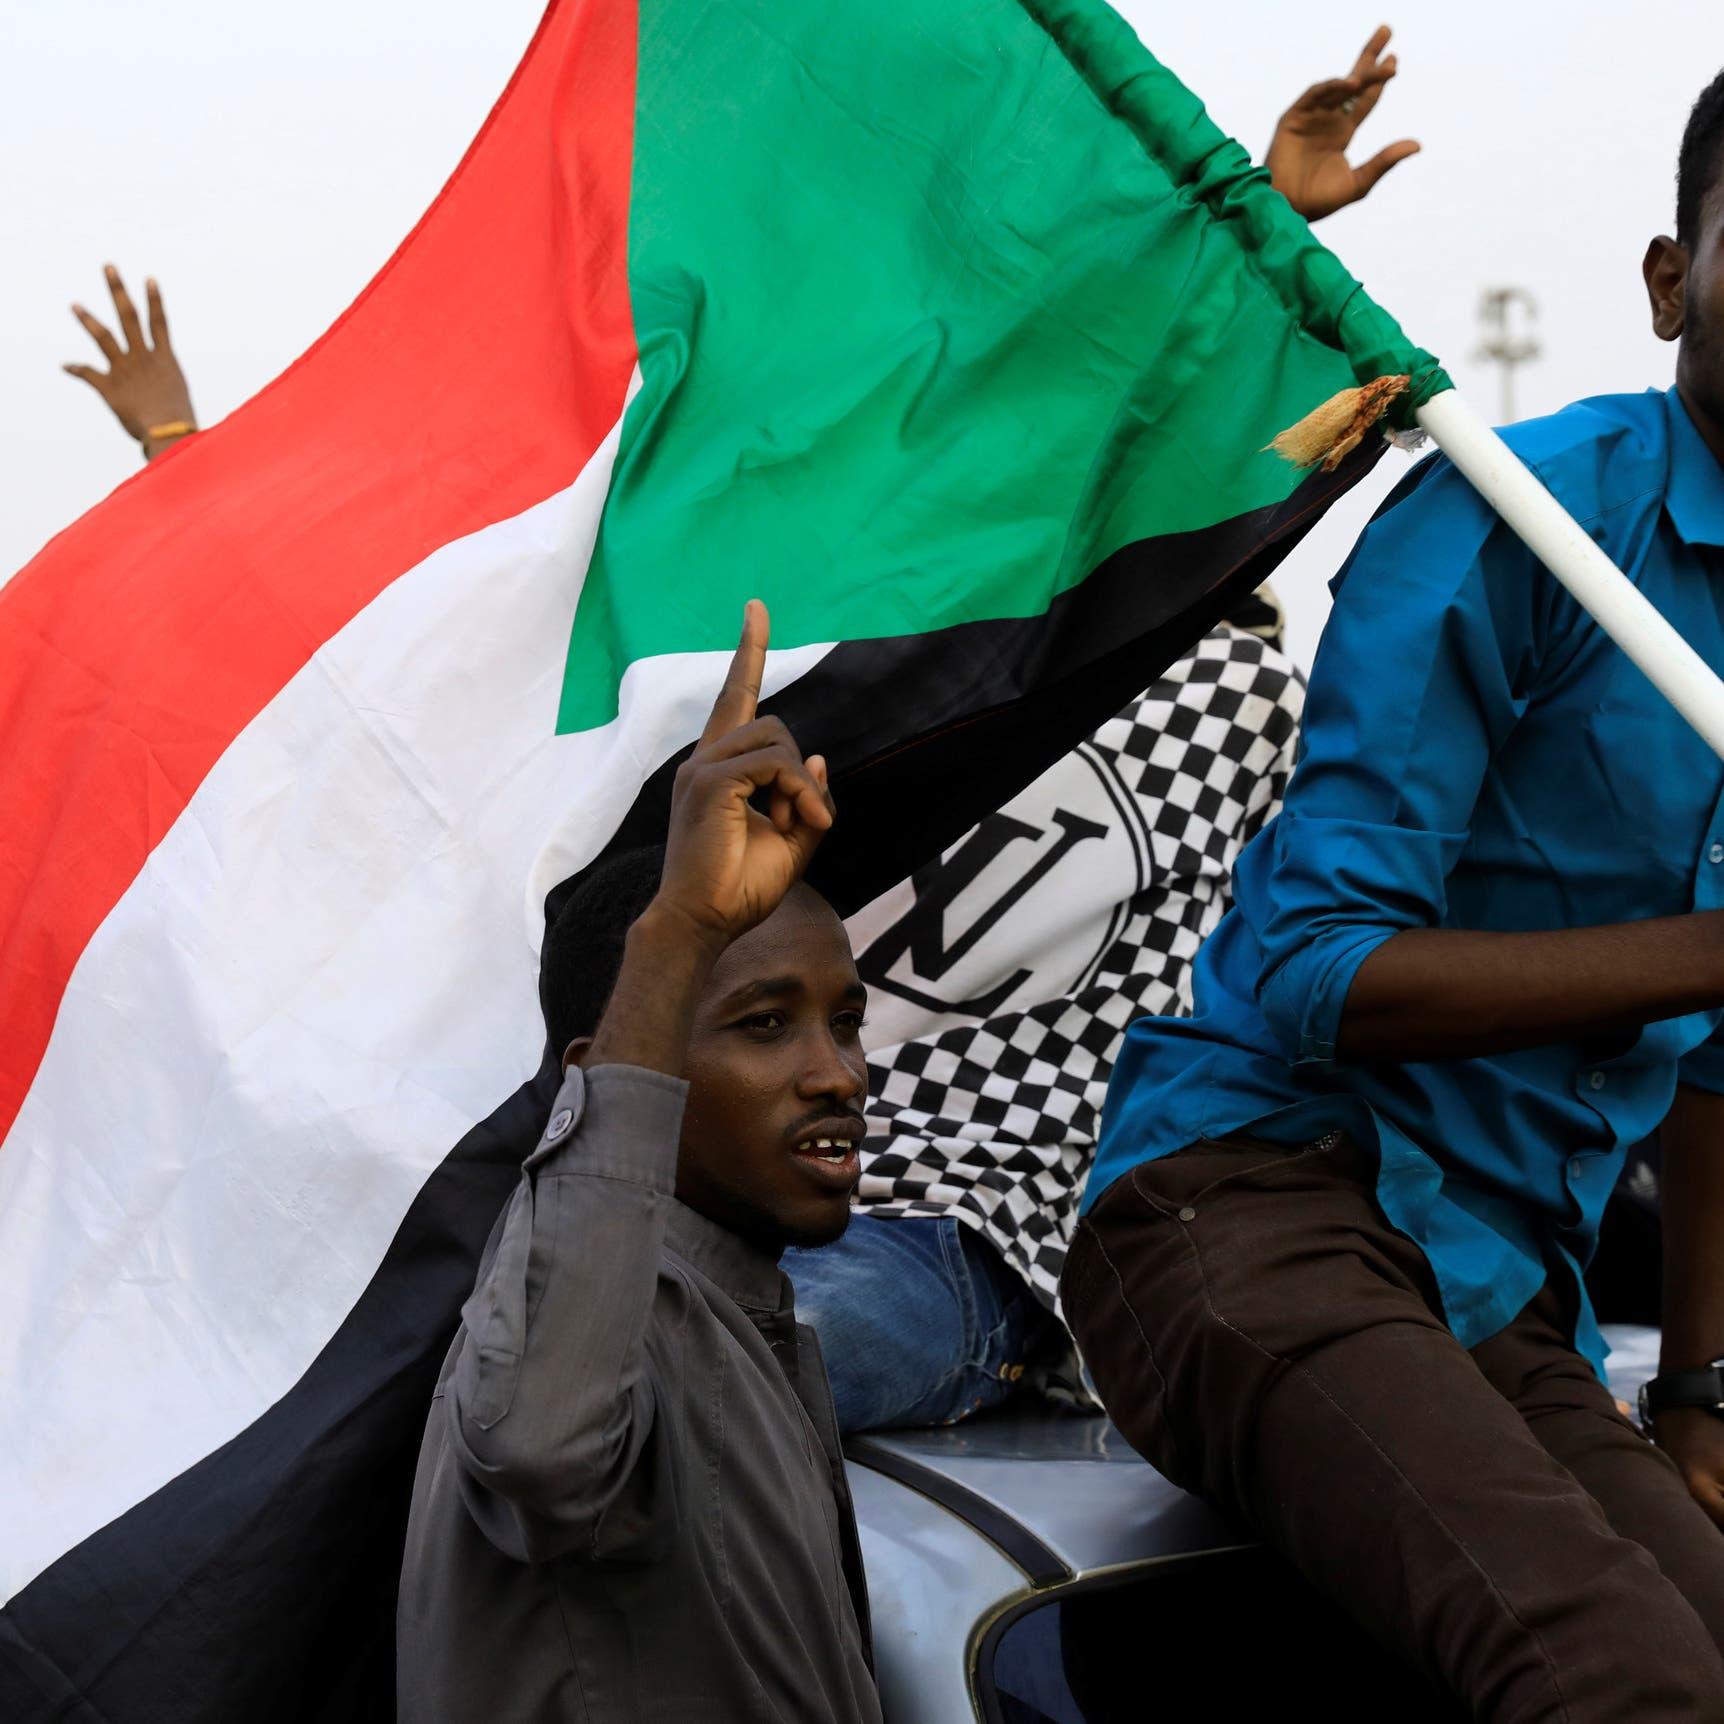 السودان.. الوساطة المشتركة تبشر باختراق وشيك